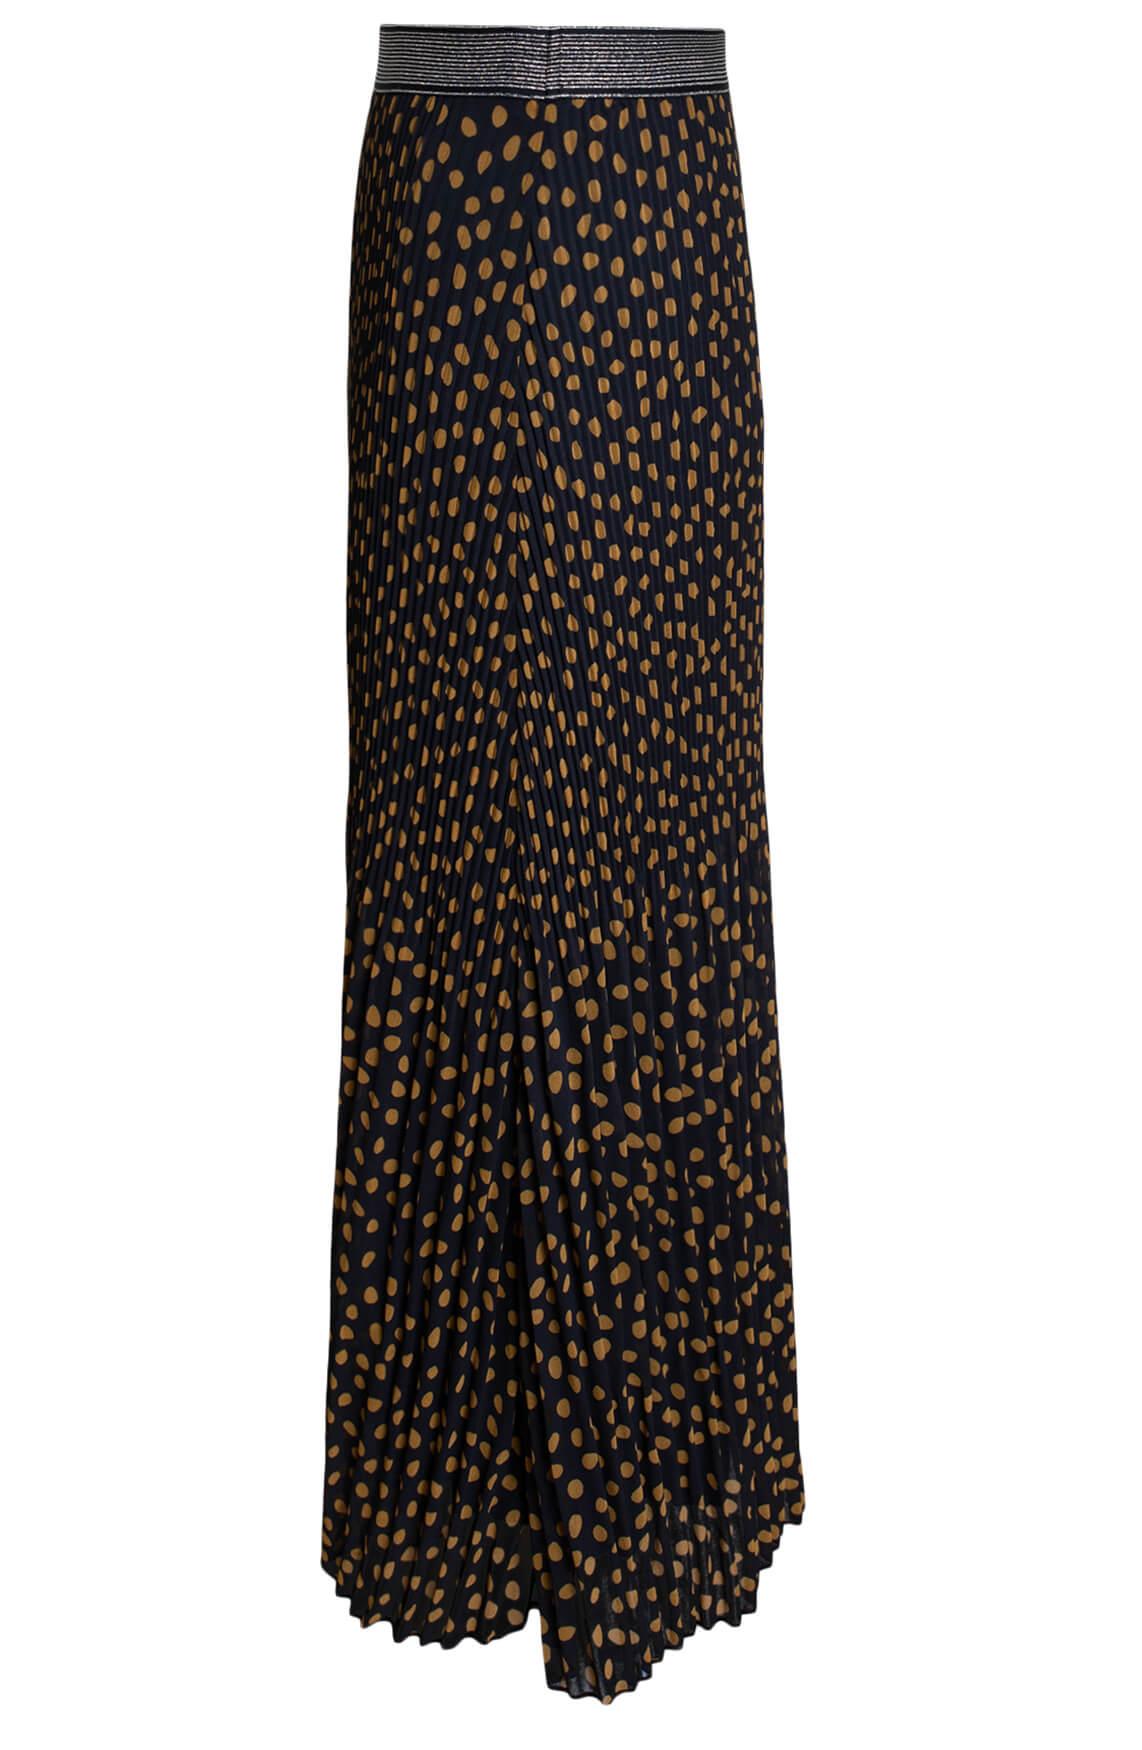 Anna Dames Maxi rok met stippen zwart